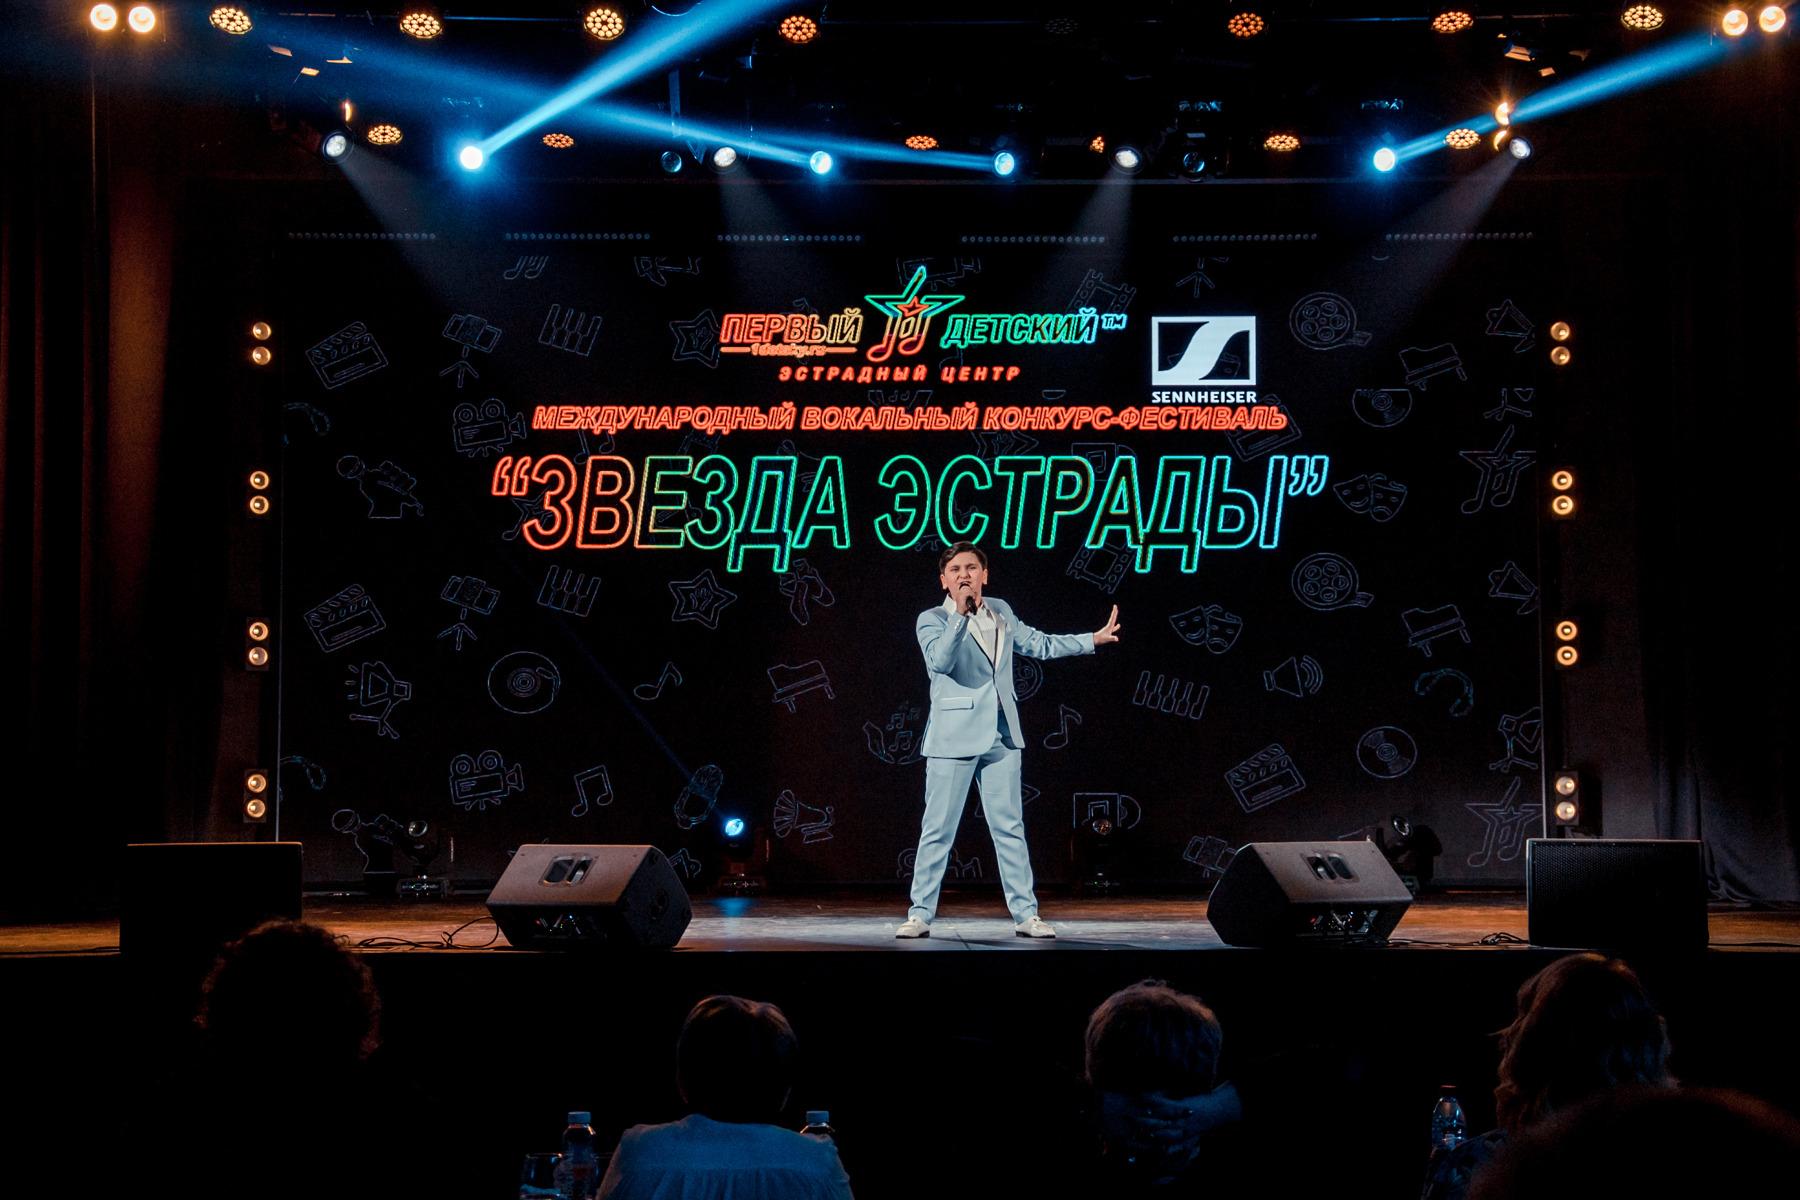 Международный Вокальный Конкурс-Фестиваль «ЗВЕЗДА ЭСТРАДЫ» при поддержке Sennheiser